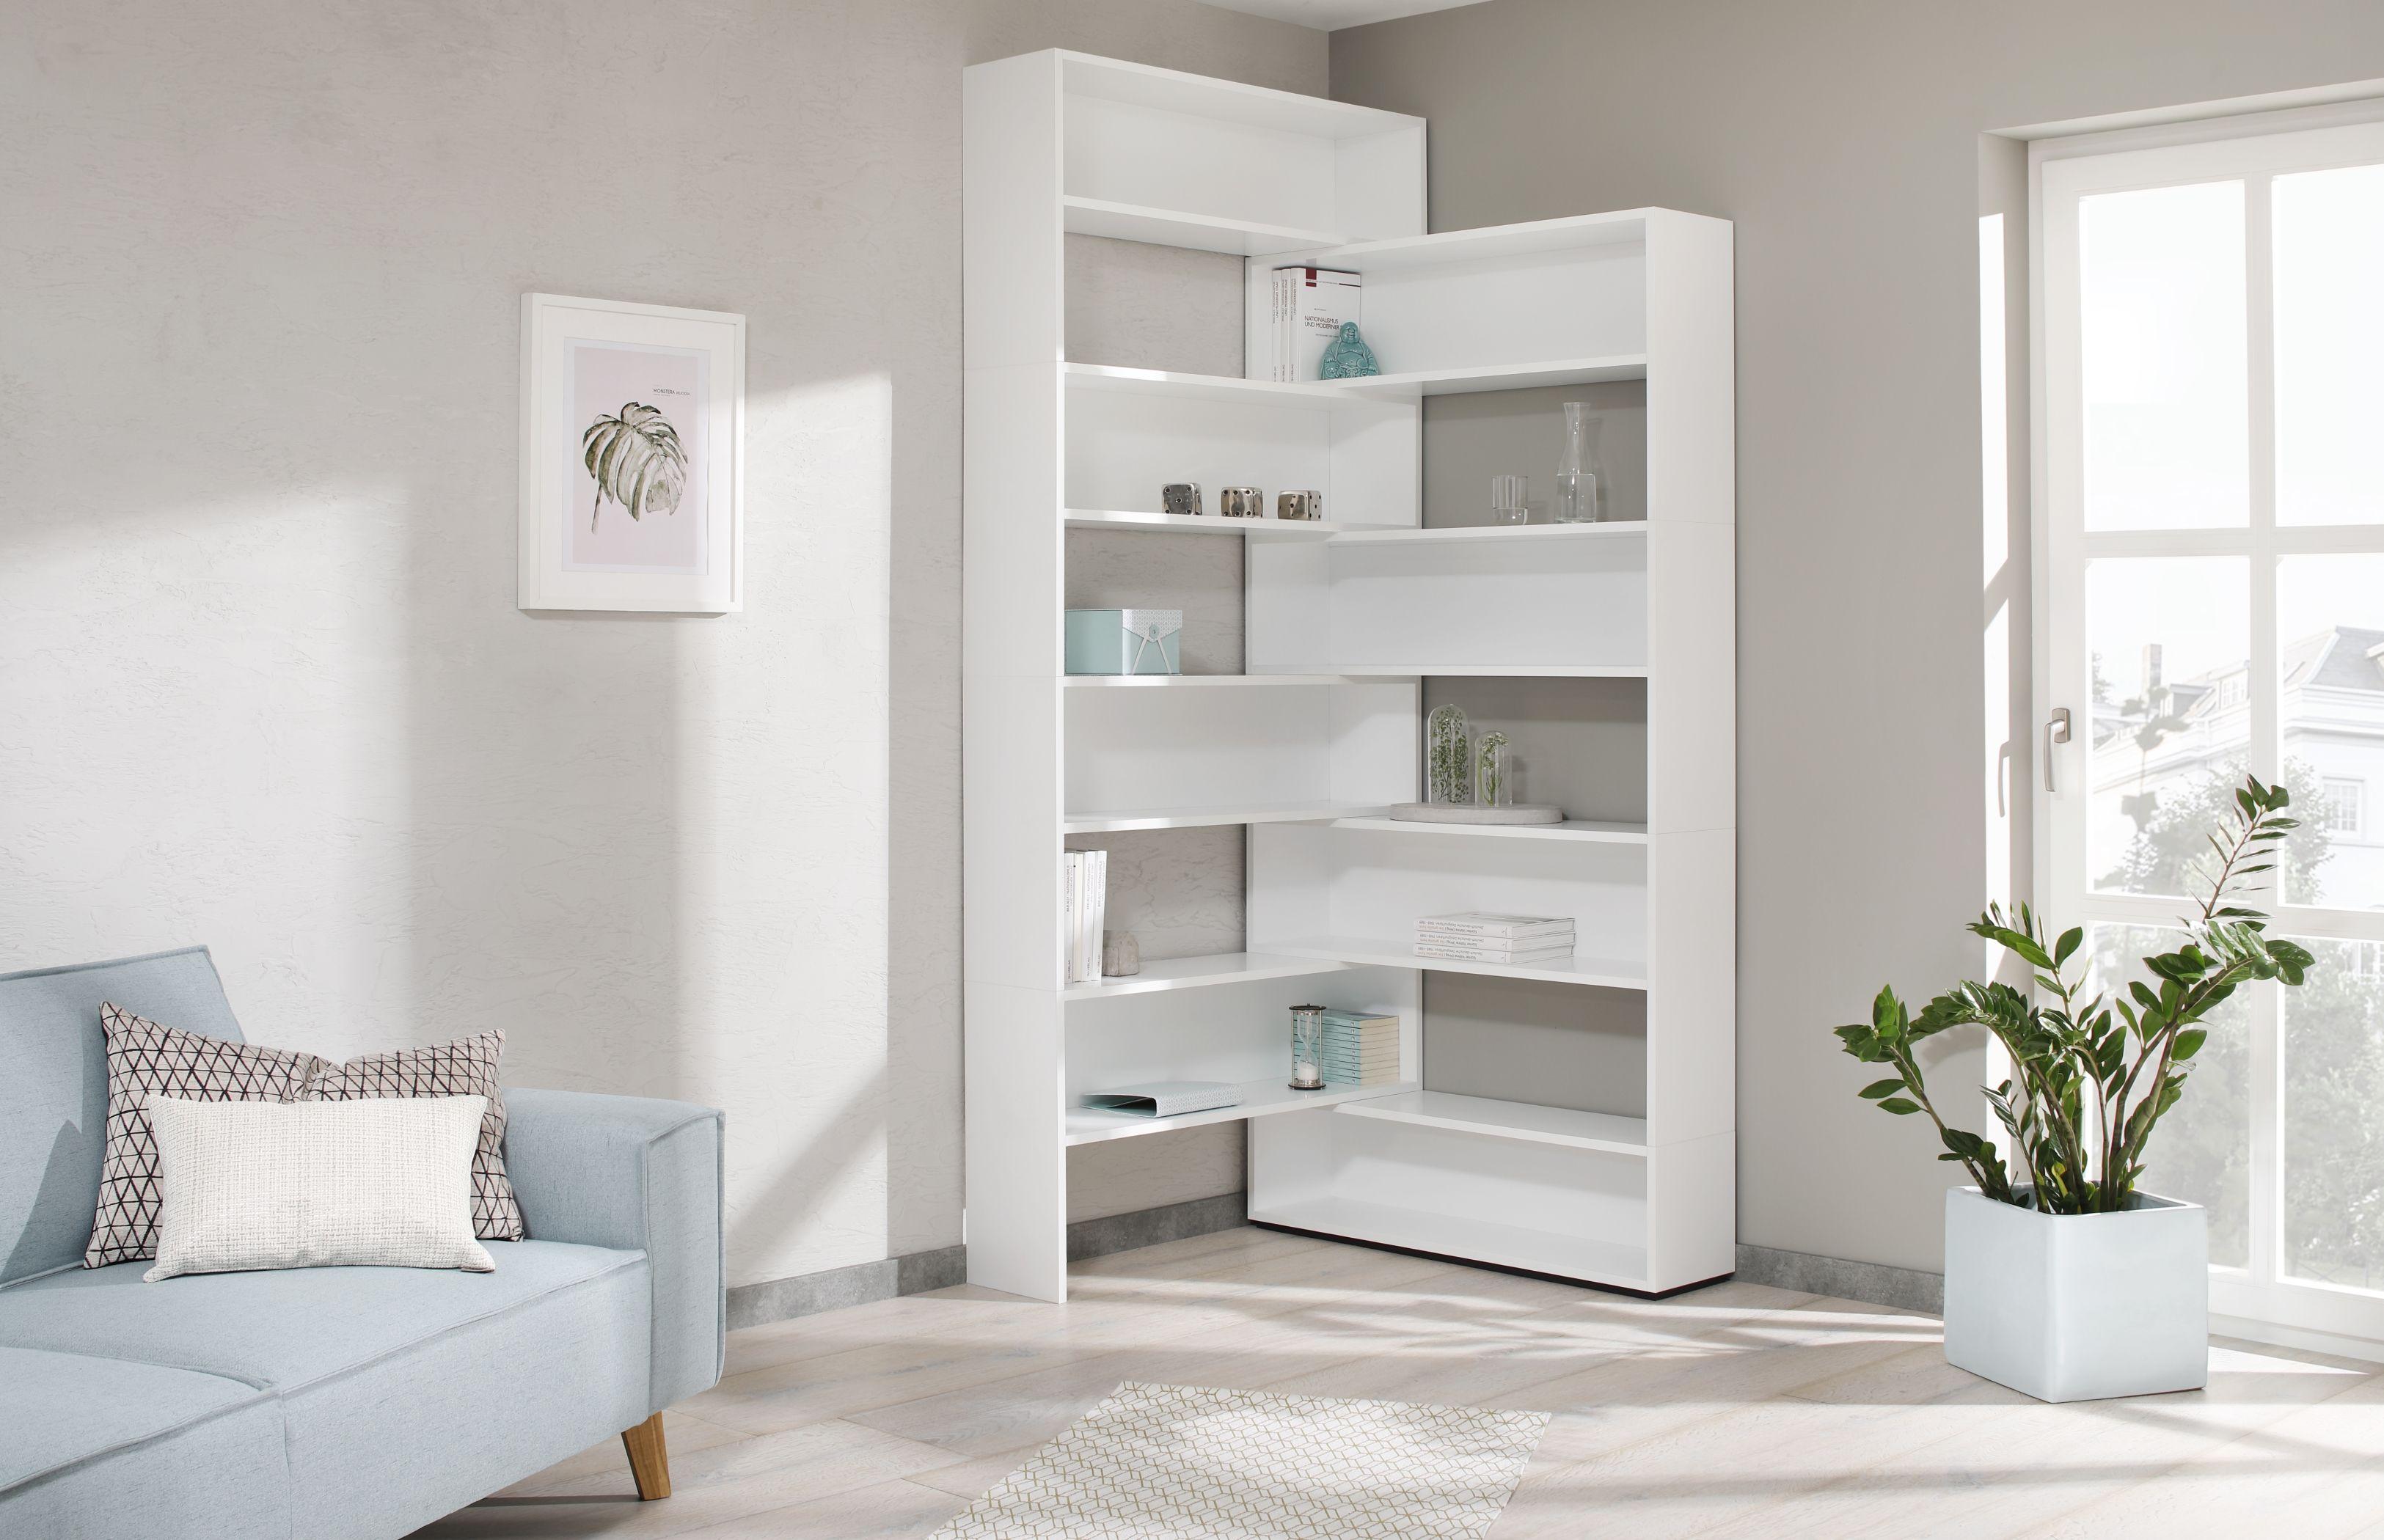 shelves von Karrol Herman in 2020 Eckregal wohnzimmer